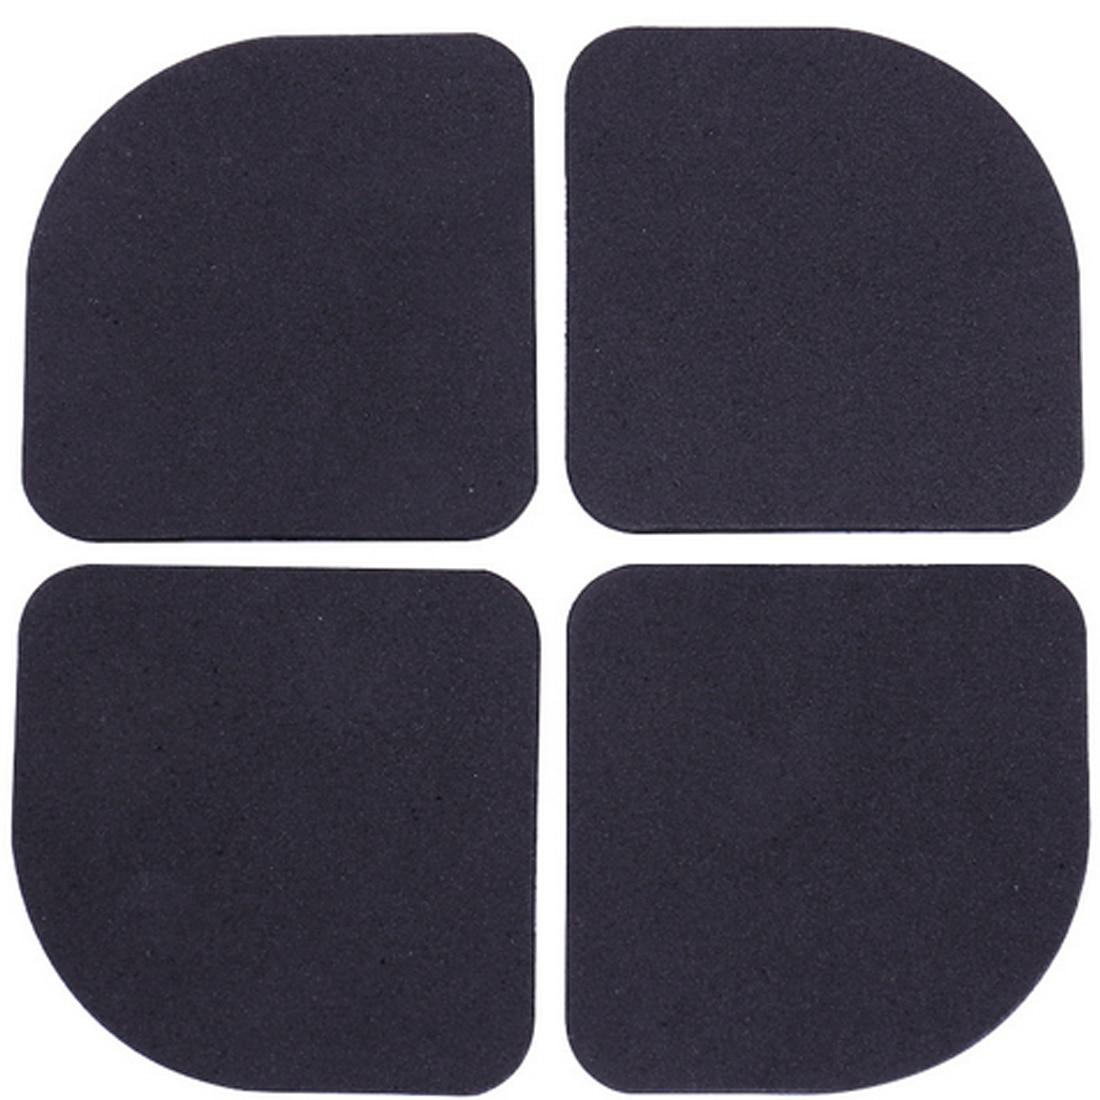 4pcs/set Black Multifunctional Washing Machine Shock Pads Non-slip Mats Refrigerator Shock Mute Pad